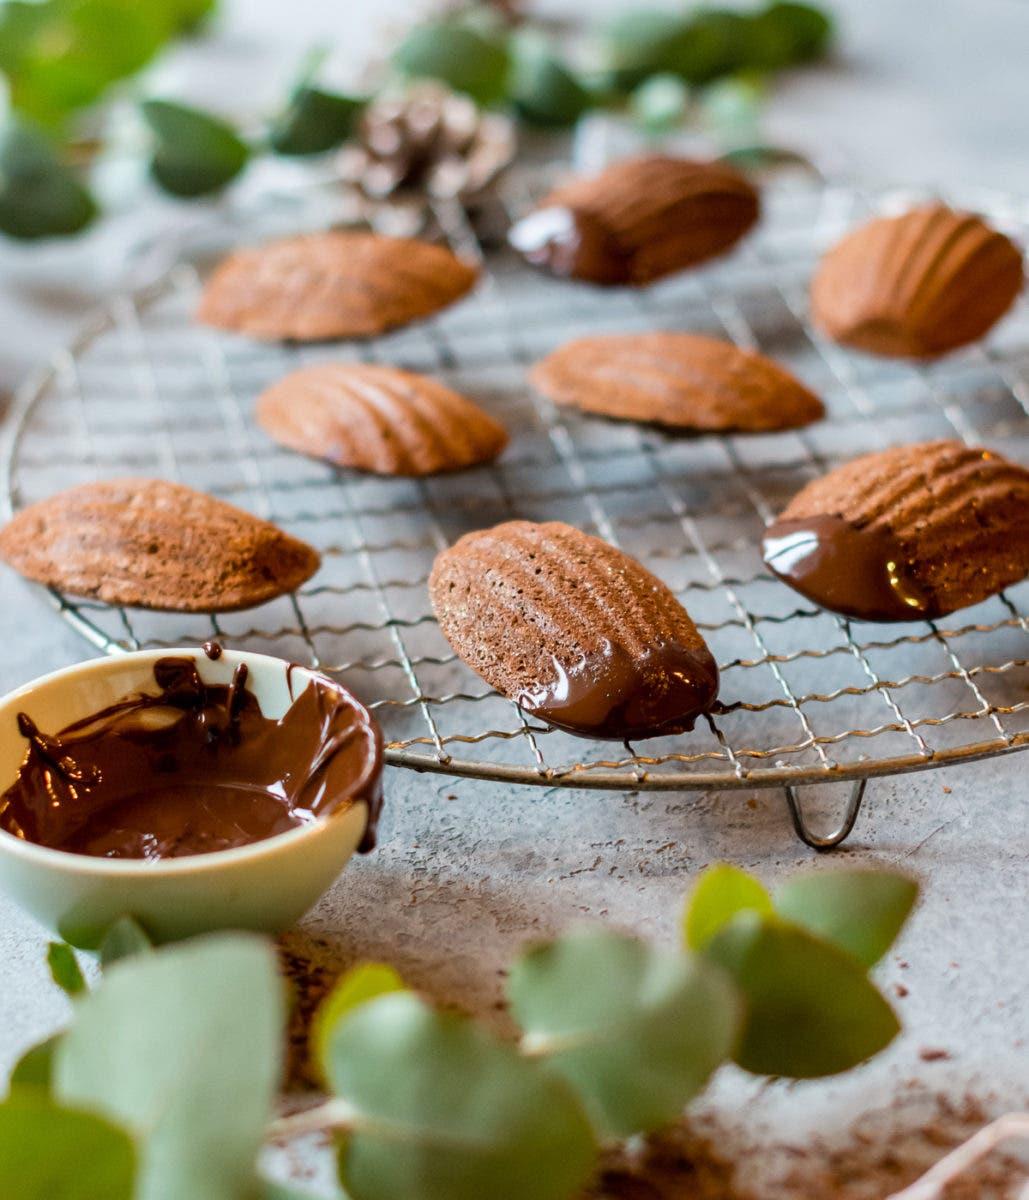 Schokoladenmadeleines auf einem Kuchengitter und eine kleine Schale mit geschmolzener Schokolade.